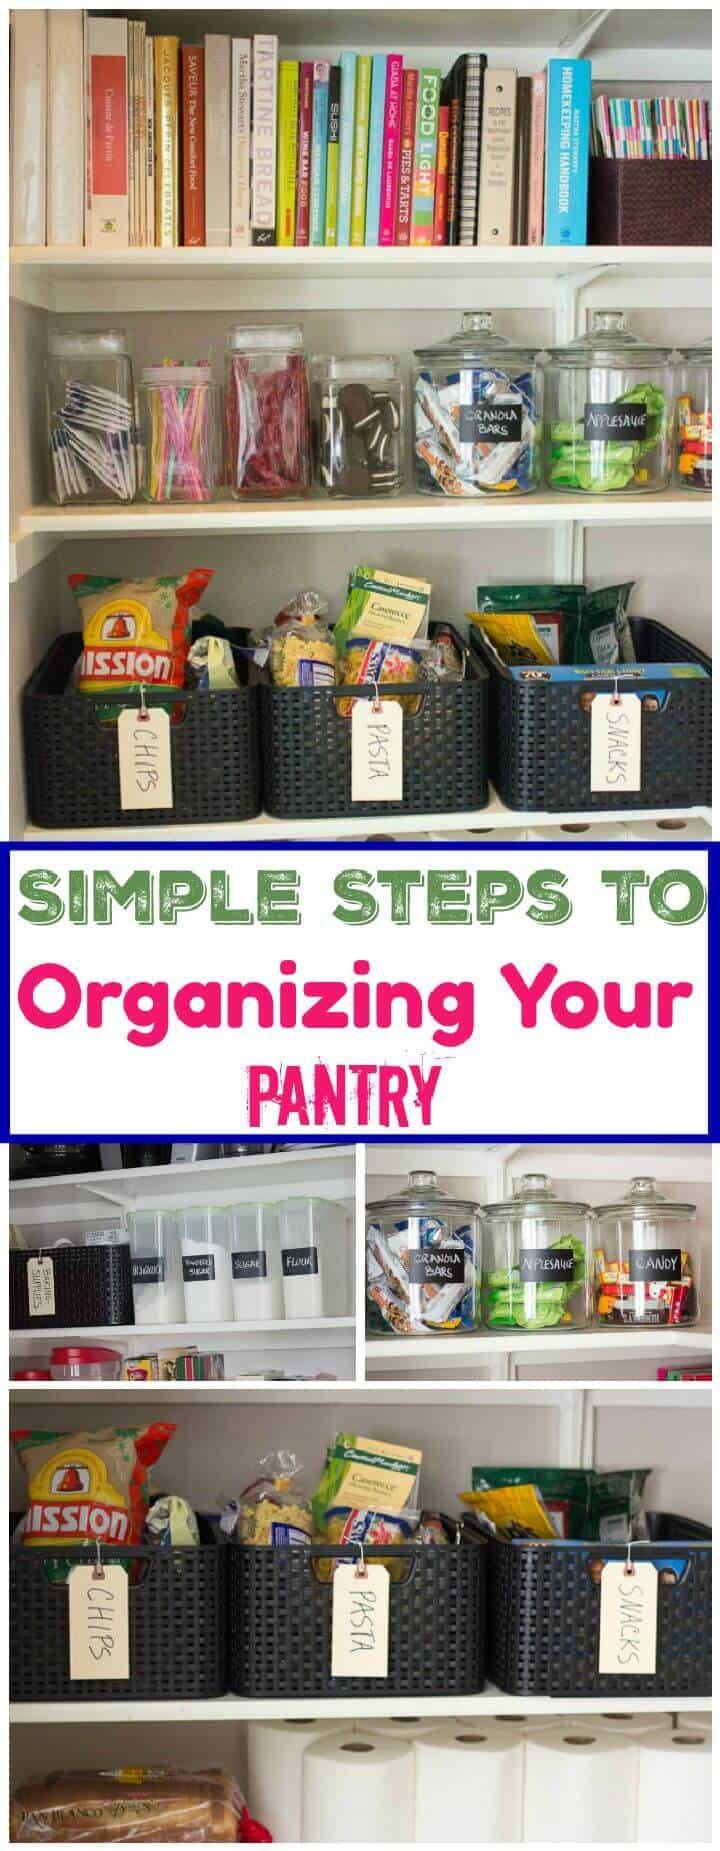 Pasos sencillos para organizar su despensa